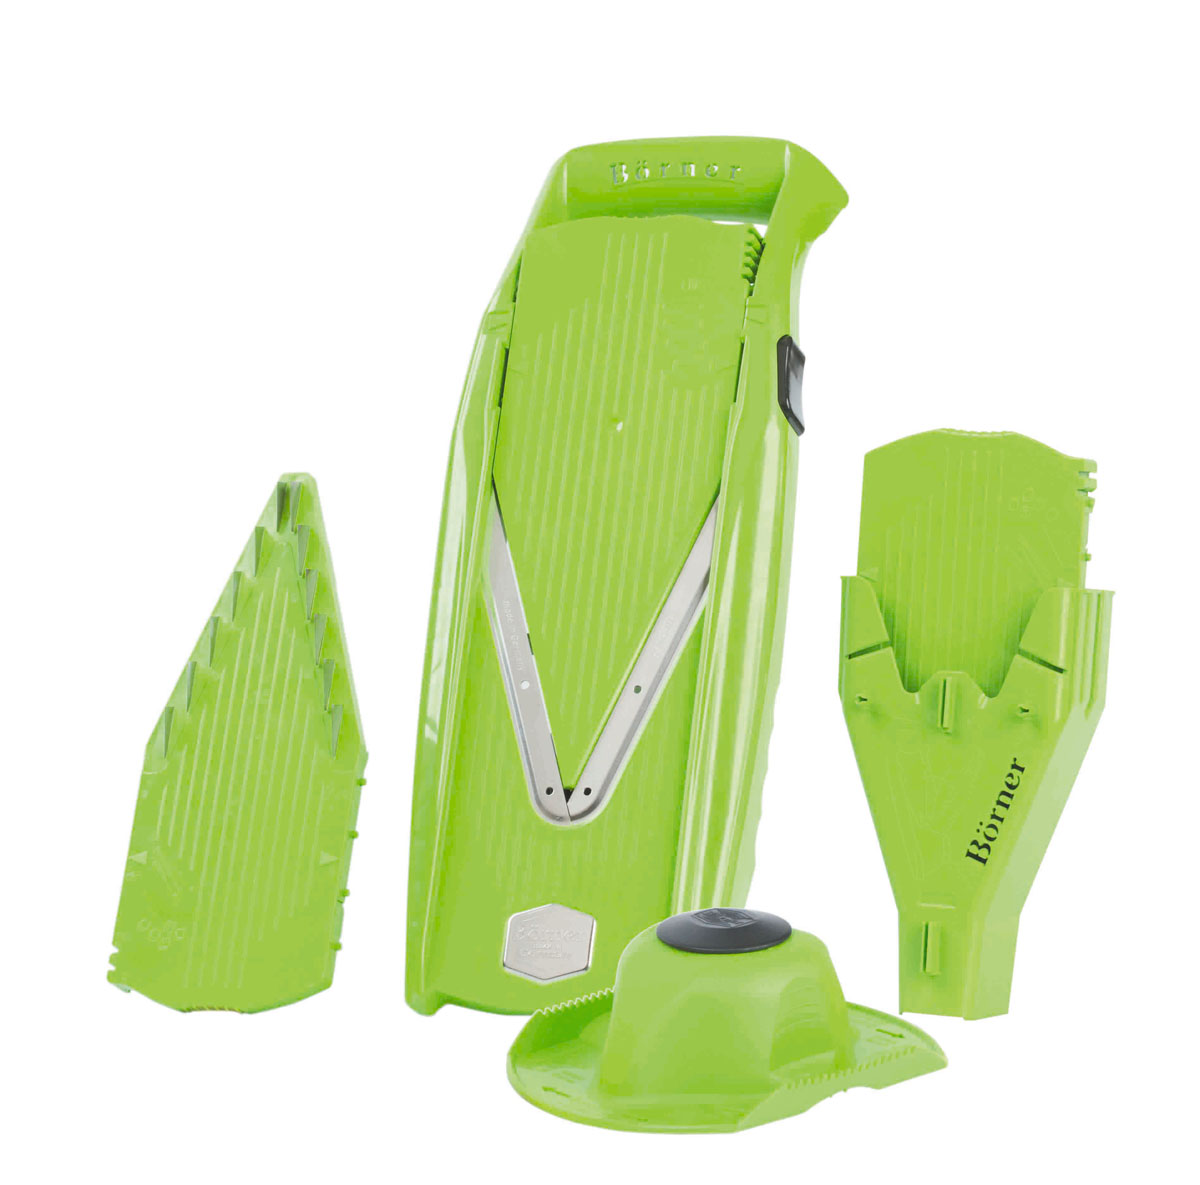 Овощерезка Borner Prima+, цвет: зеленый, 6 предметов3810099Овощерезка Borner Borner Prima+ всегда будет отличным и незаменимымпомощником на вашей кухне. Она позволяет значительно сэкономить время иулучшить вкус и качество приготовленной пищи. Корпус овощерезки выполнениз ударопрочного ABS-пластика, а ножи из высококачественной нержавеющейстали. В комплект входит: - V-образная рама, в которую вставляют вставки;- Безопасный плододержатель; - Безножевая вставка;- Вставка с ножами 3,5 мм;- Вставка с ножами 7 мм; - Бокс для вставок.Бокс для вставок, идущий в комплекте к овощерезке Prima+, это удобноеприспособление в двух аспектах: для хранения всех вставок, входящих вкомплект, плюс он крепится на комплект так, что становится подставкой длянего и плододержателя.В основную V-образную раму вставляются попеременно три разные вставки: - Плоская (безножевая), на которой режутся 4 толщины колечек и пластинок.Кроме того, ее же можно поставить в положение блок и закрыть этойвставкой наглухо лезвия на основной раме во время ее хранения. Изменениетолщины нарезки на вставке происходит путем легкого нажатия со смещением, аобратно - нажатием на боковую кнопку на корпусе; - Вставка с ножами 7 мм. В двух положениях дает соломку, брусочки, кубики ипрочее толщиной 7 мм в одном положении и 3,5 мм во втором положении; - Вставка с ножами 3,5 мм. В двух положениях дает соломку, брусочки, кубики ипрочее толщиной 3,5 мм в одном положении и 1,8 мм во втором положении.Передвижение вставок осуществляется с помощью боковой кнопки.